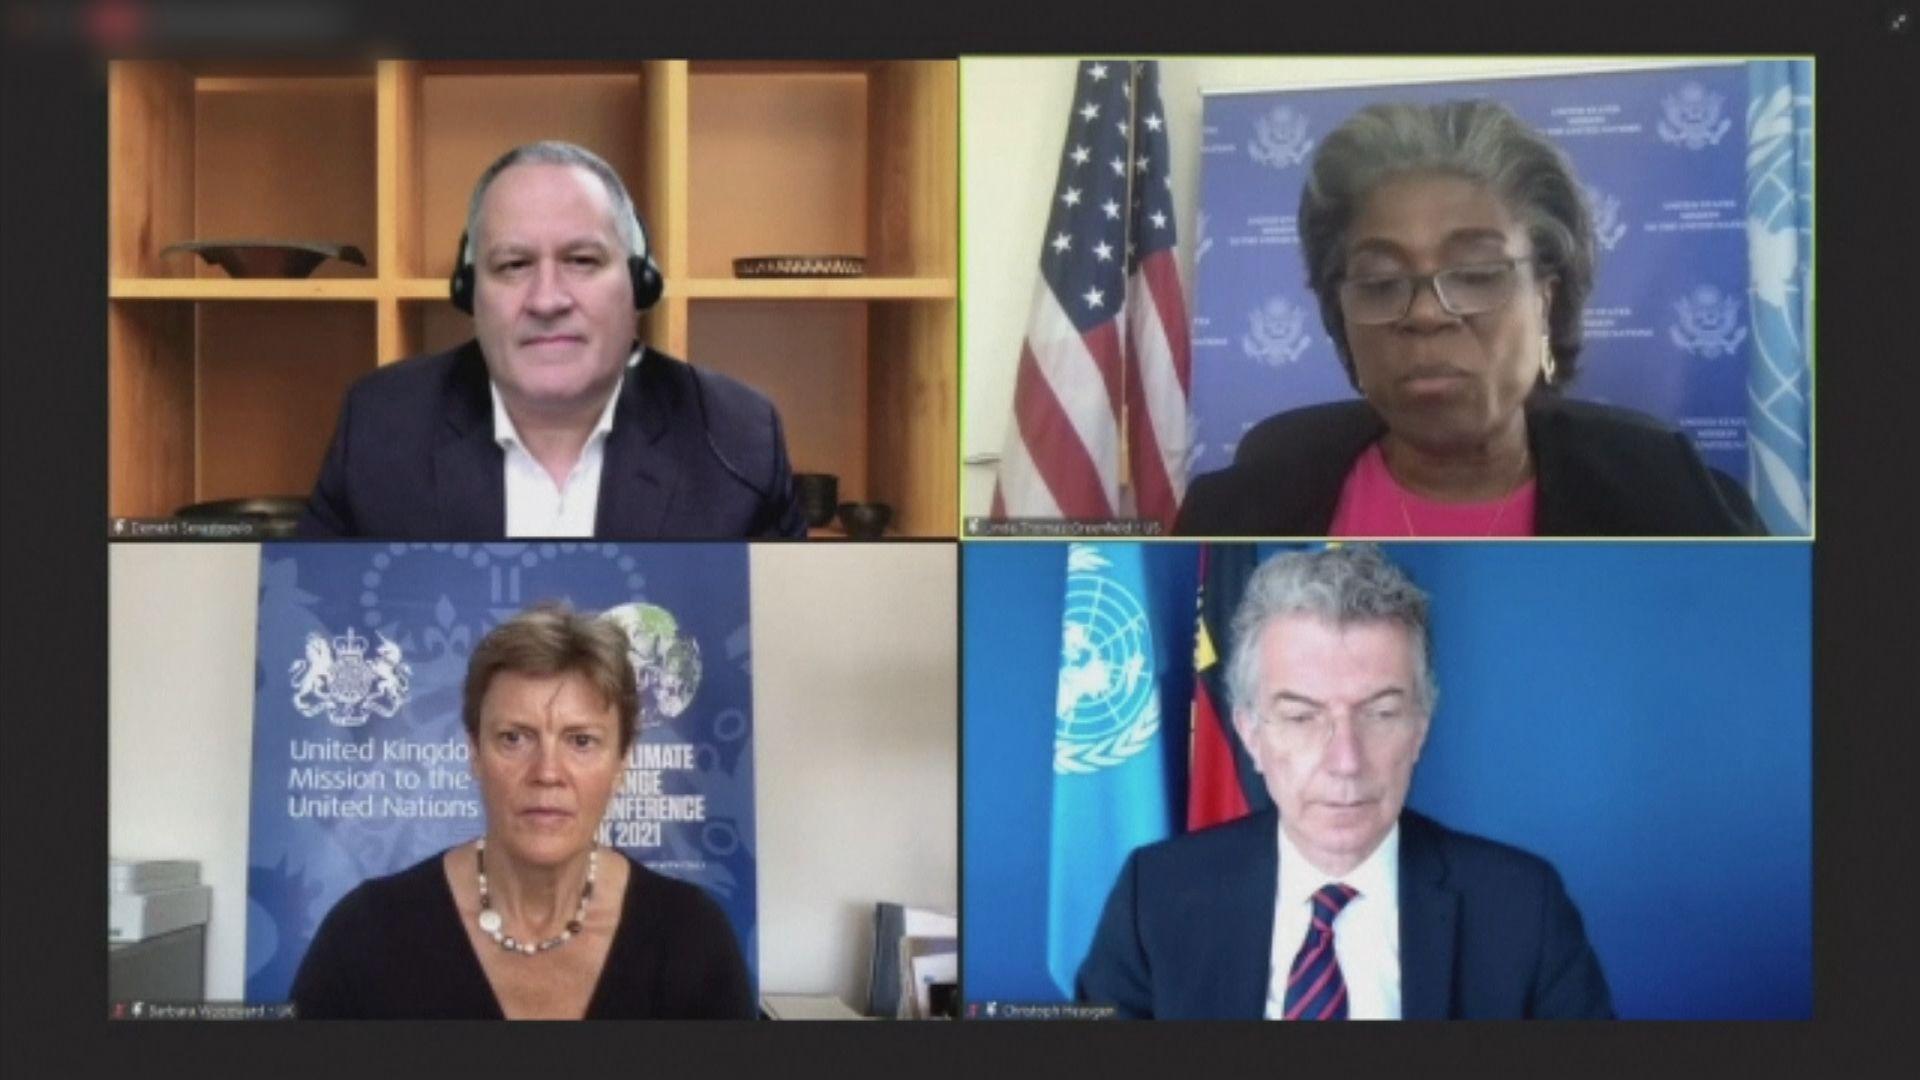 聯合國視像會議討論新疆狀況 外交部:無恥謊言